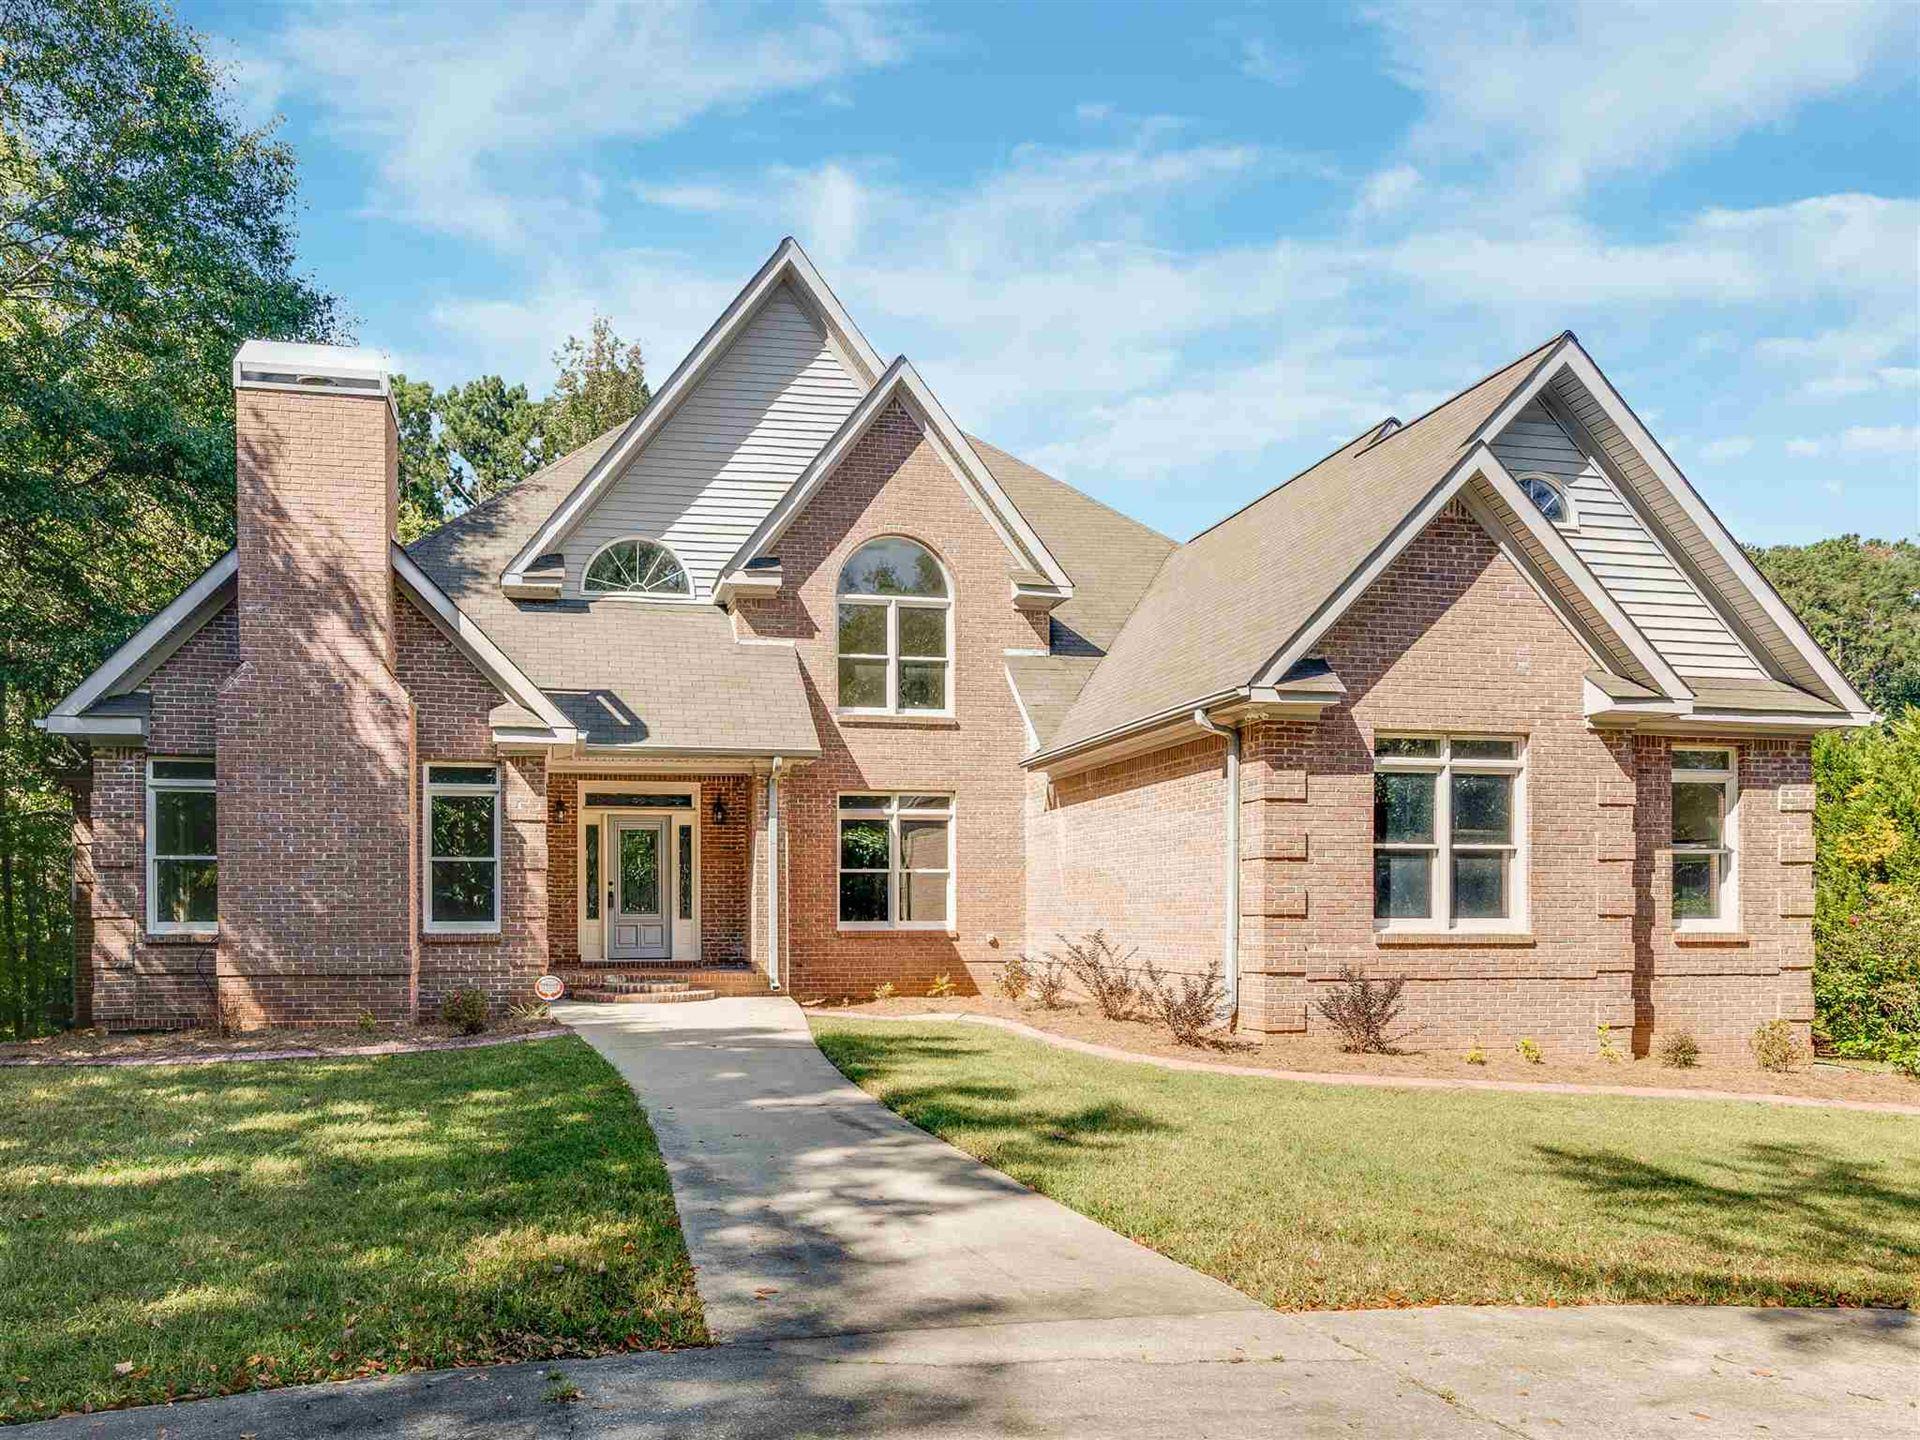 2001 Pine Forest Ct, Jonesboro, GA 30236 - MLS#: 8875981